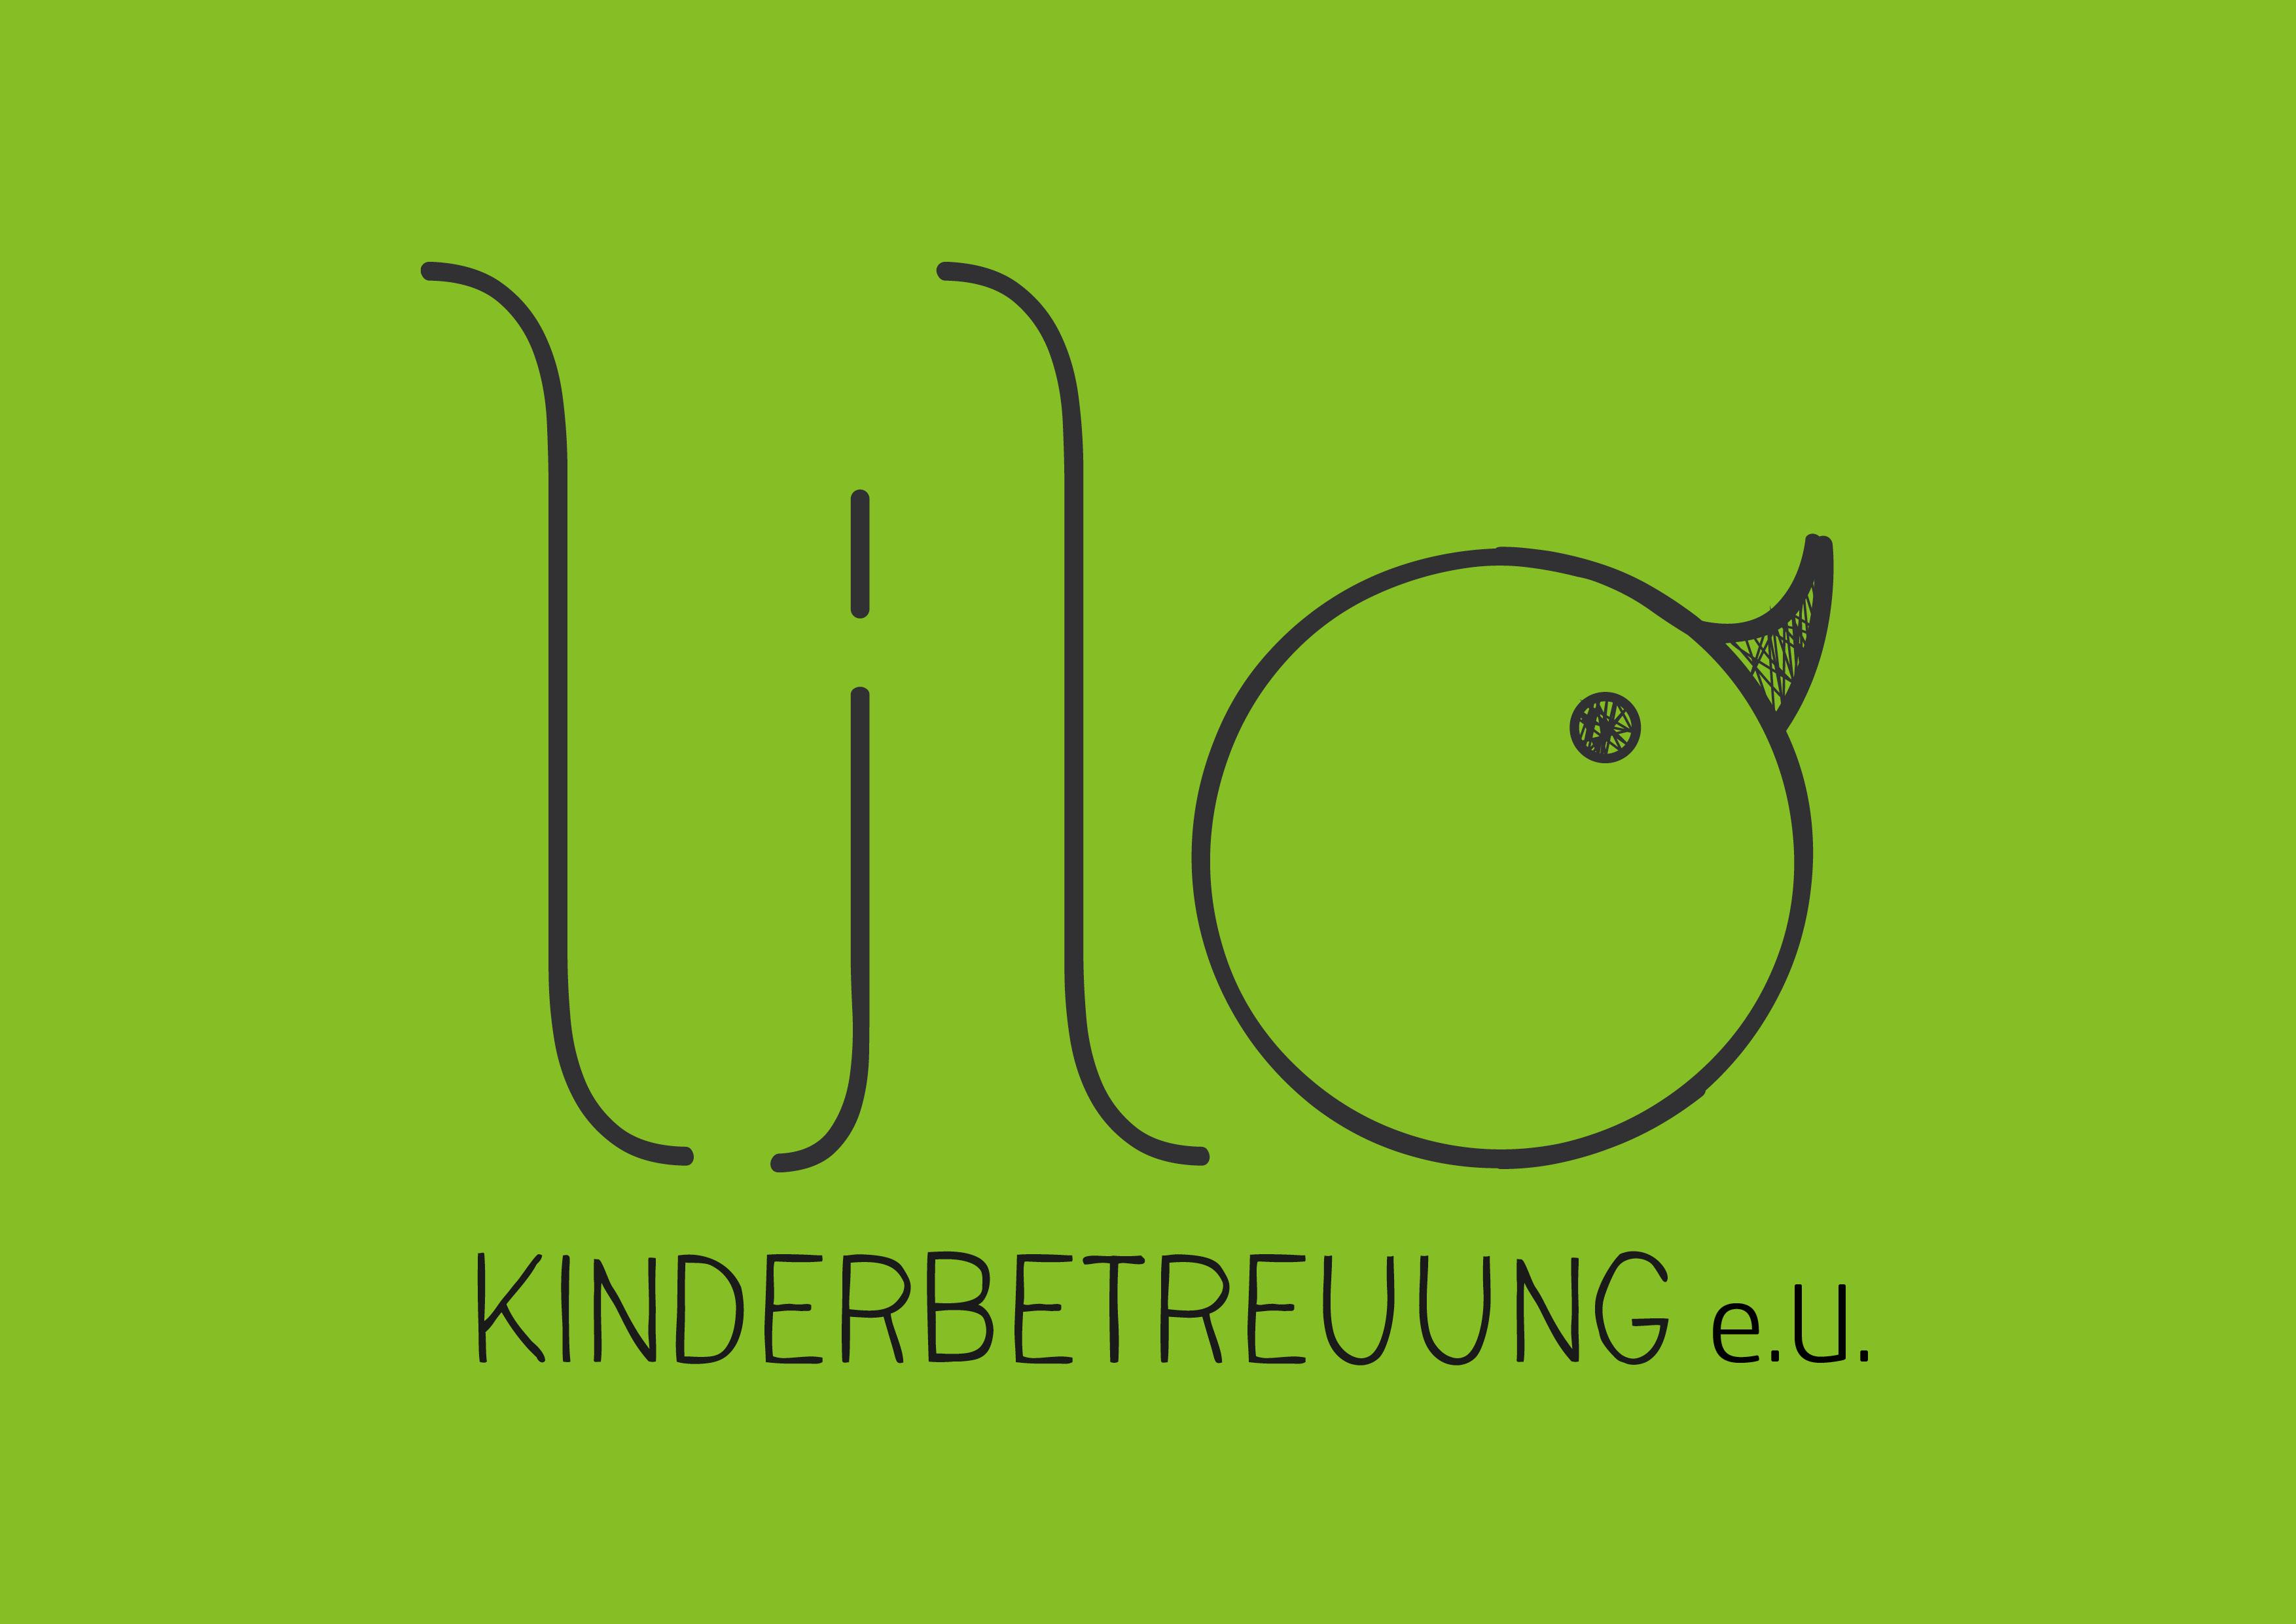 logo_grün